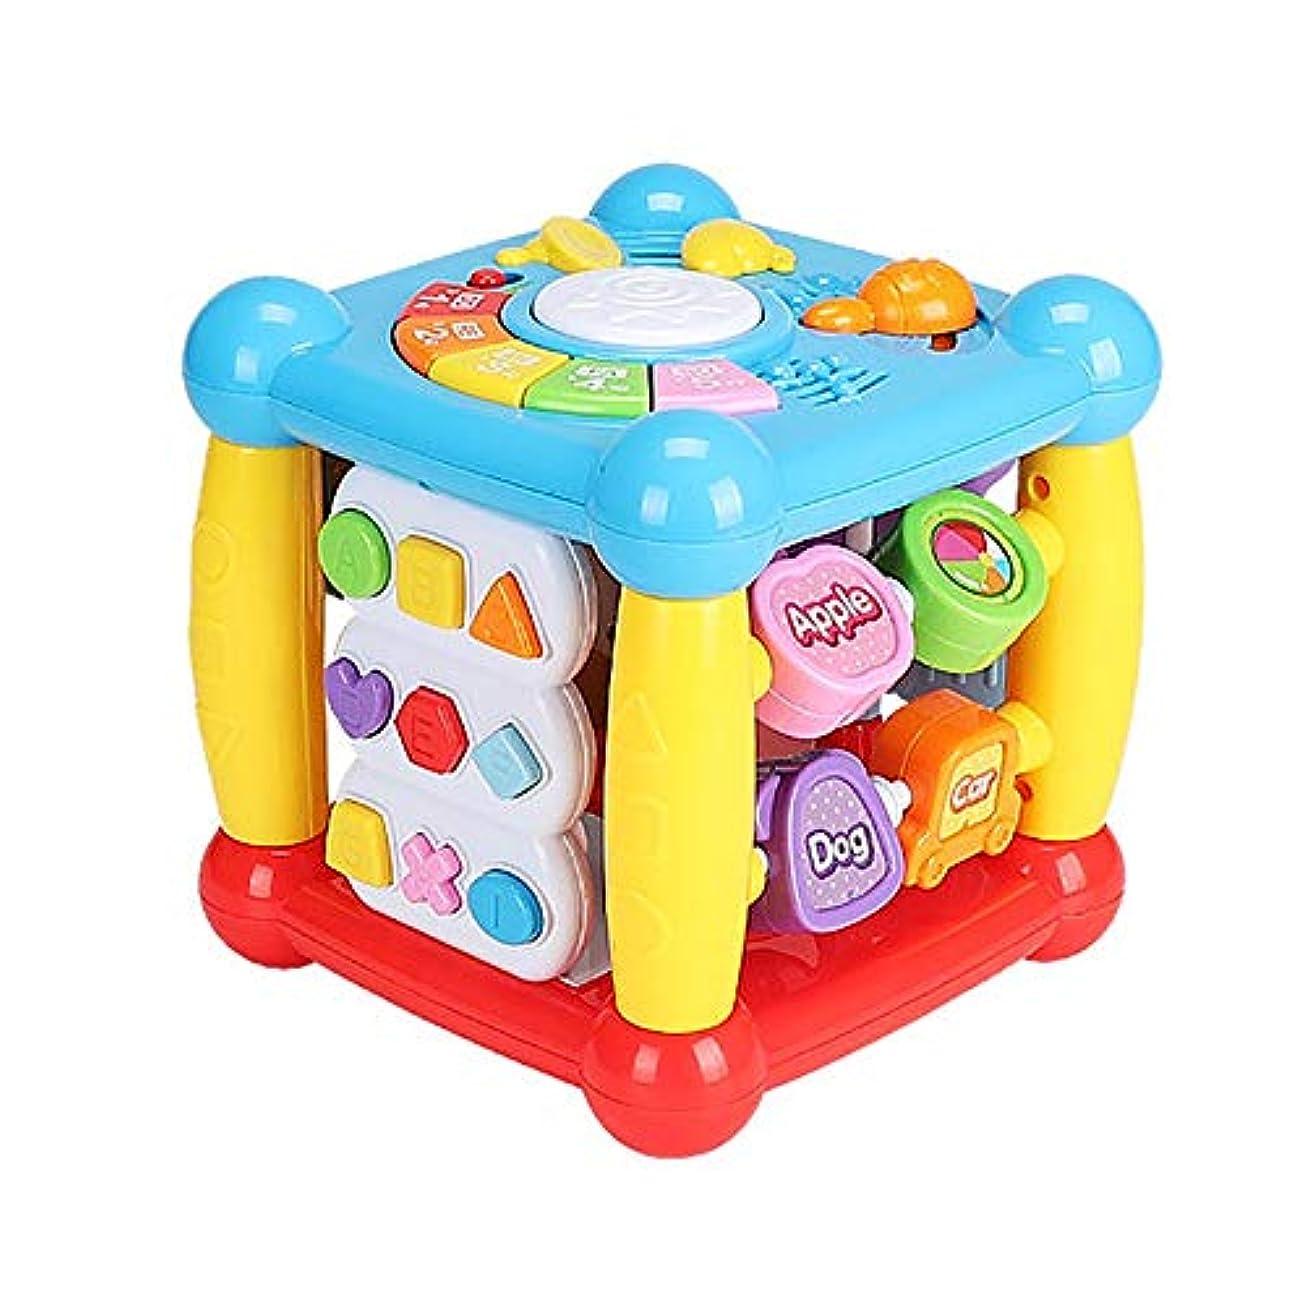 悲鳴危機歯光と音と楽器の学習表の音楽赤ちゃんのおもちゃ就学前教育ゲーム活動センターギフト (Color : Multi-colored, Size : 16.8x16.8x16.8m)